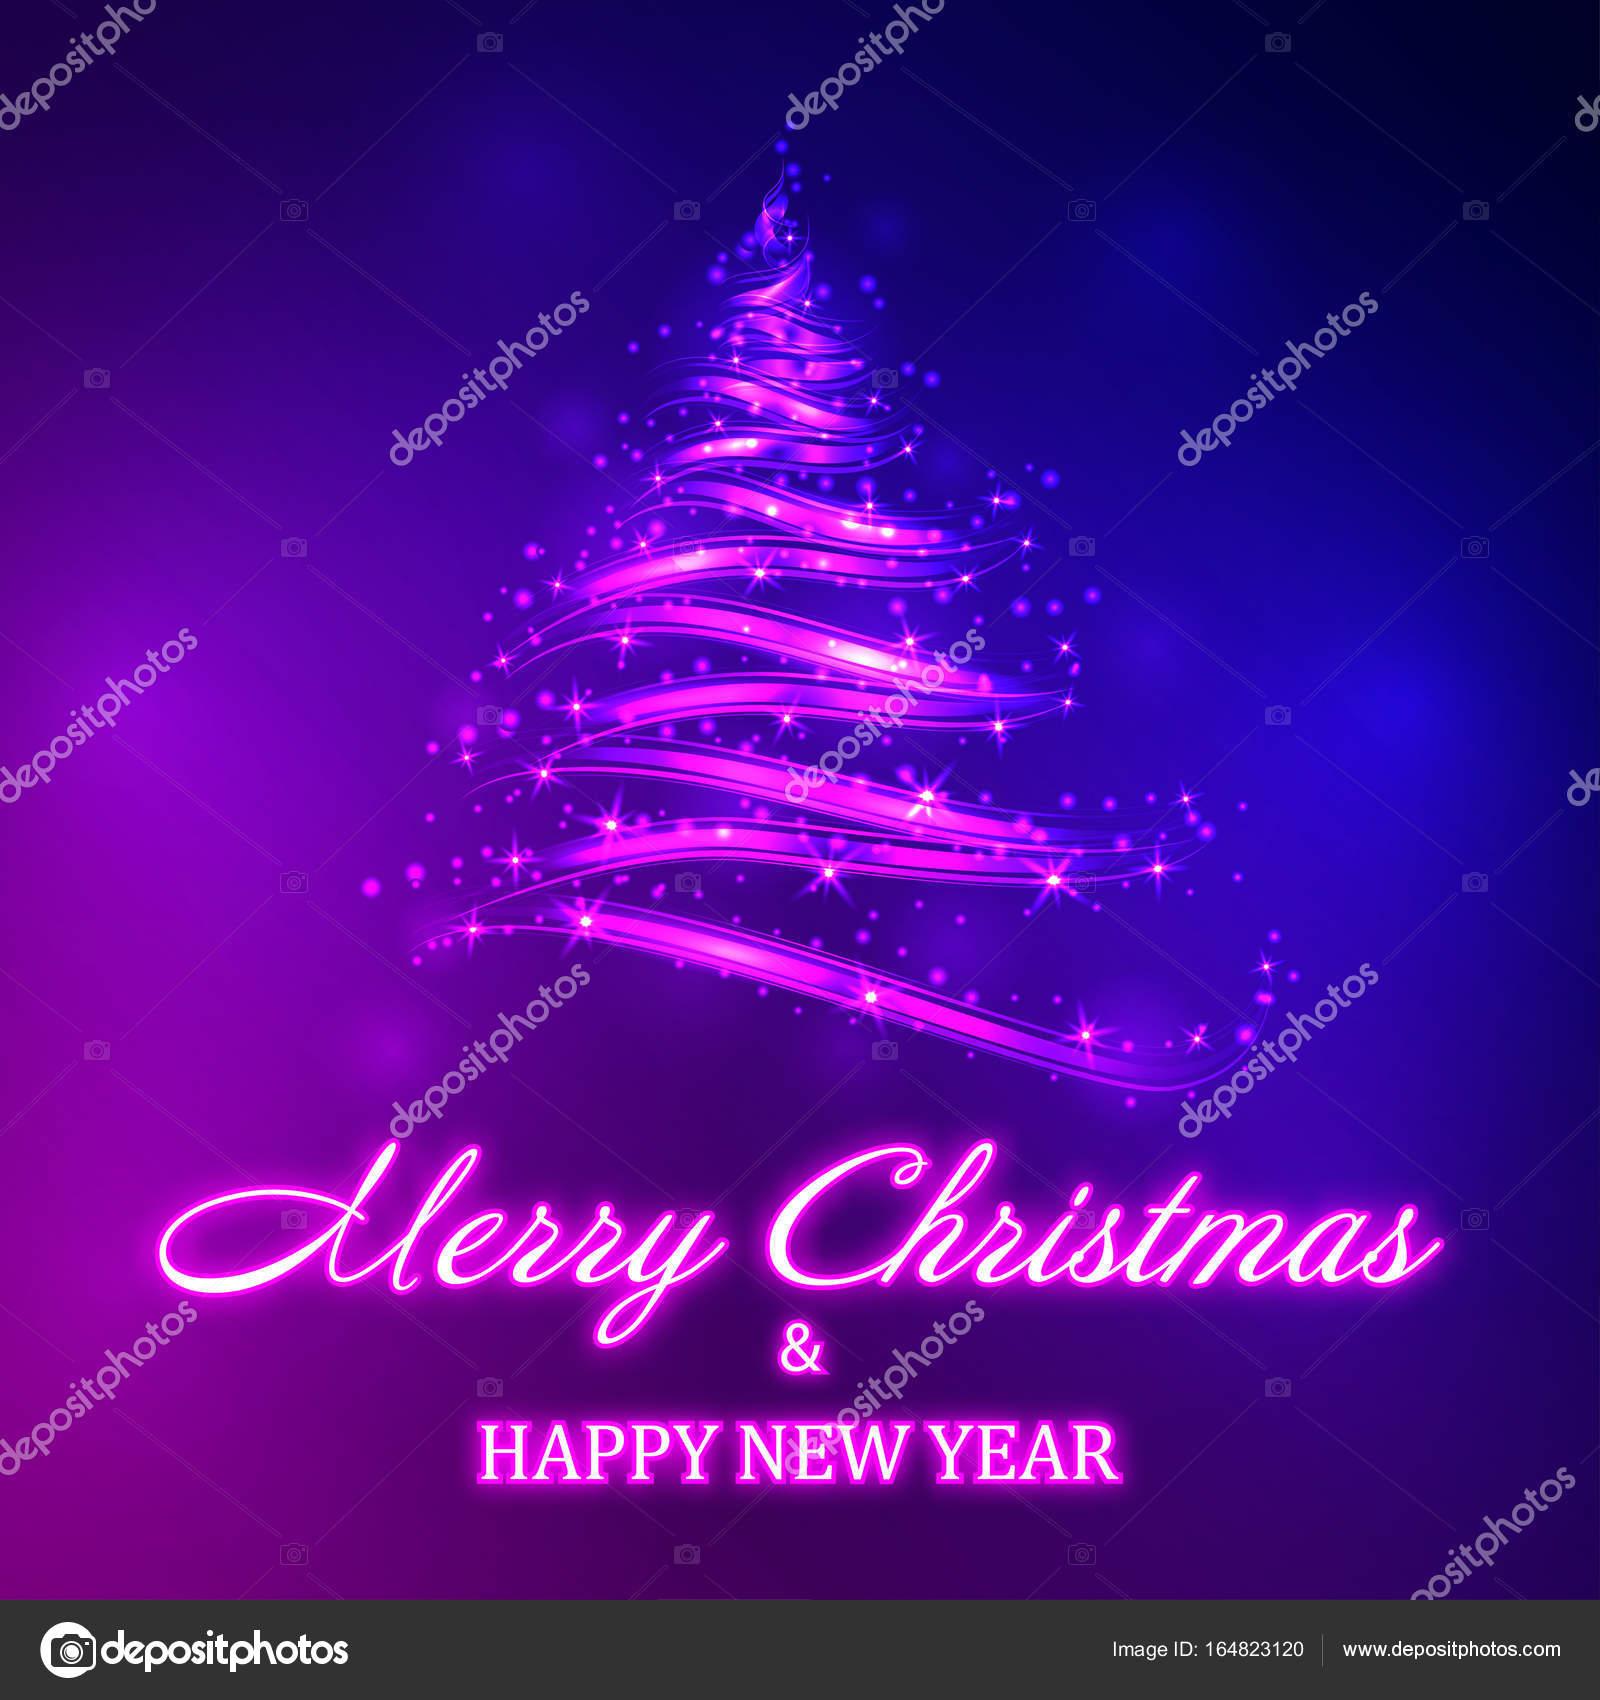 Immagini Con Scritte Di Buon Natale.Vettore Sfondi Con Scritte Neon Albero Di Natale